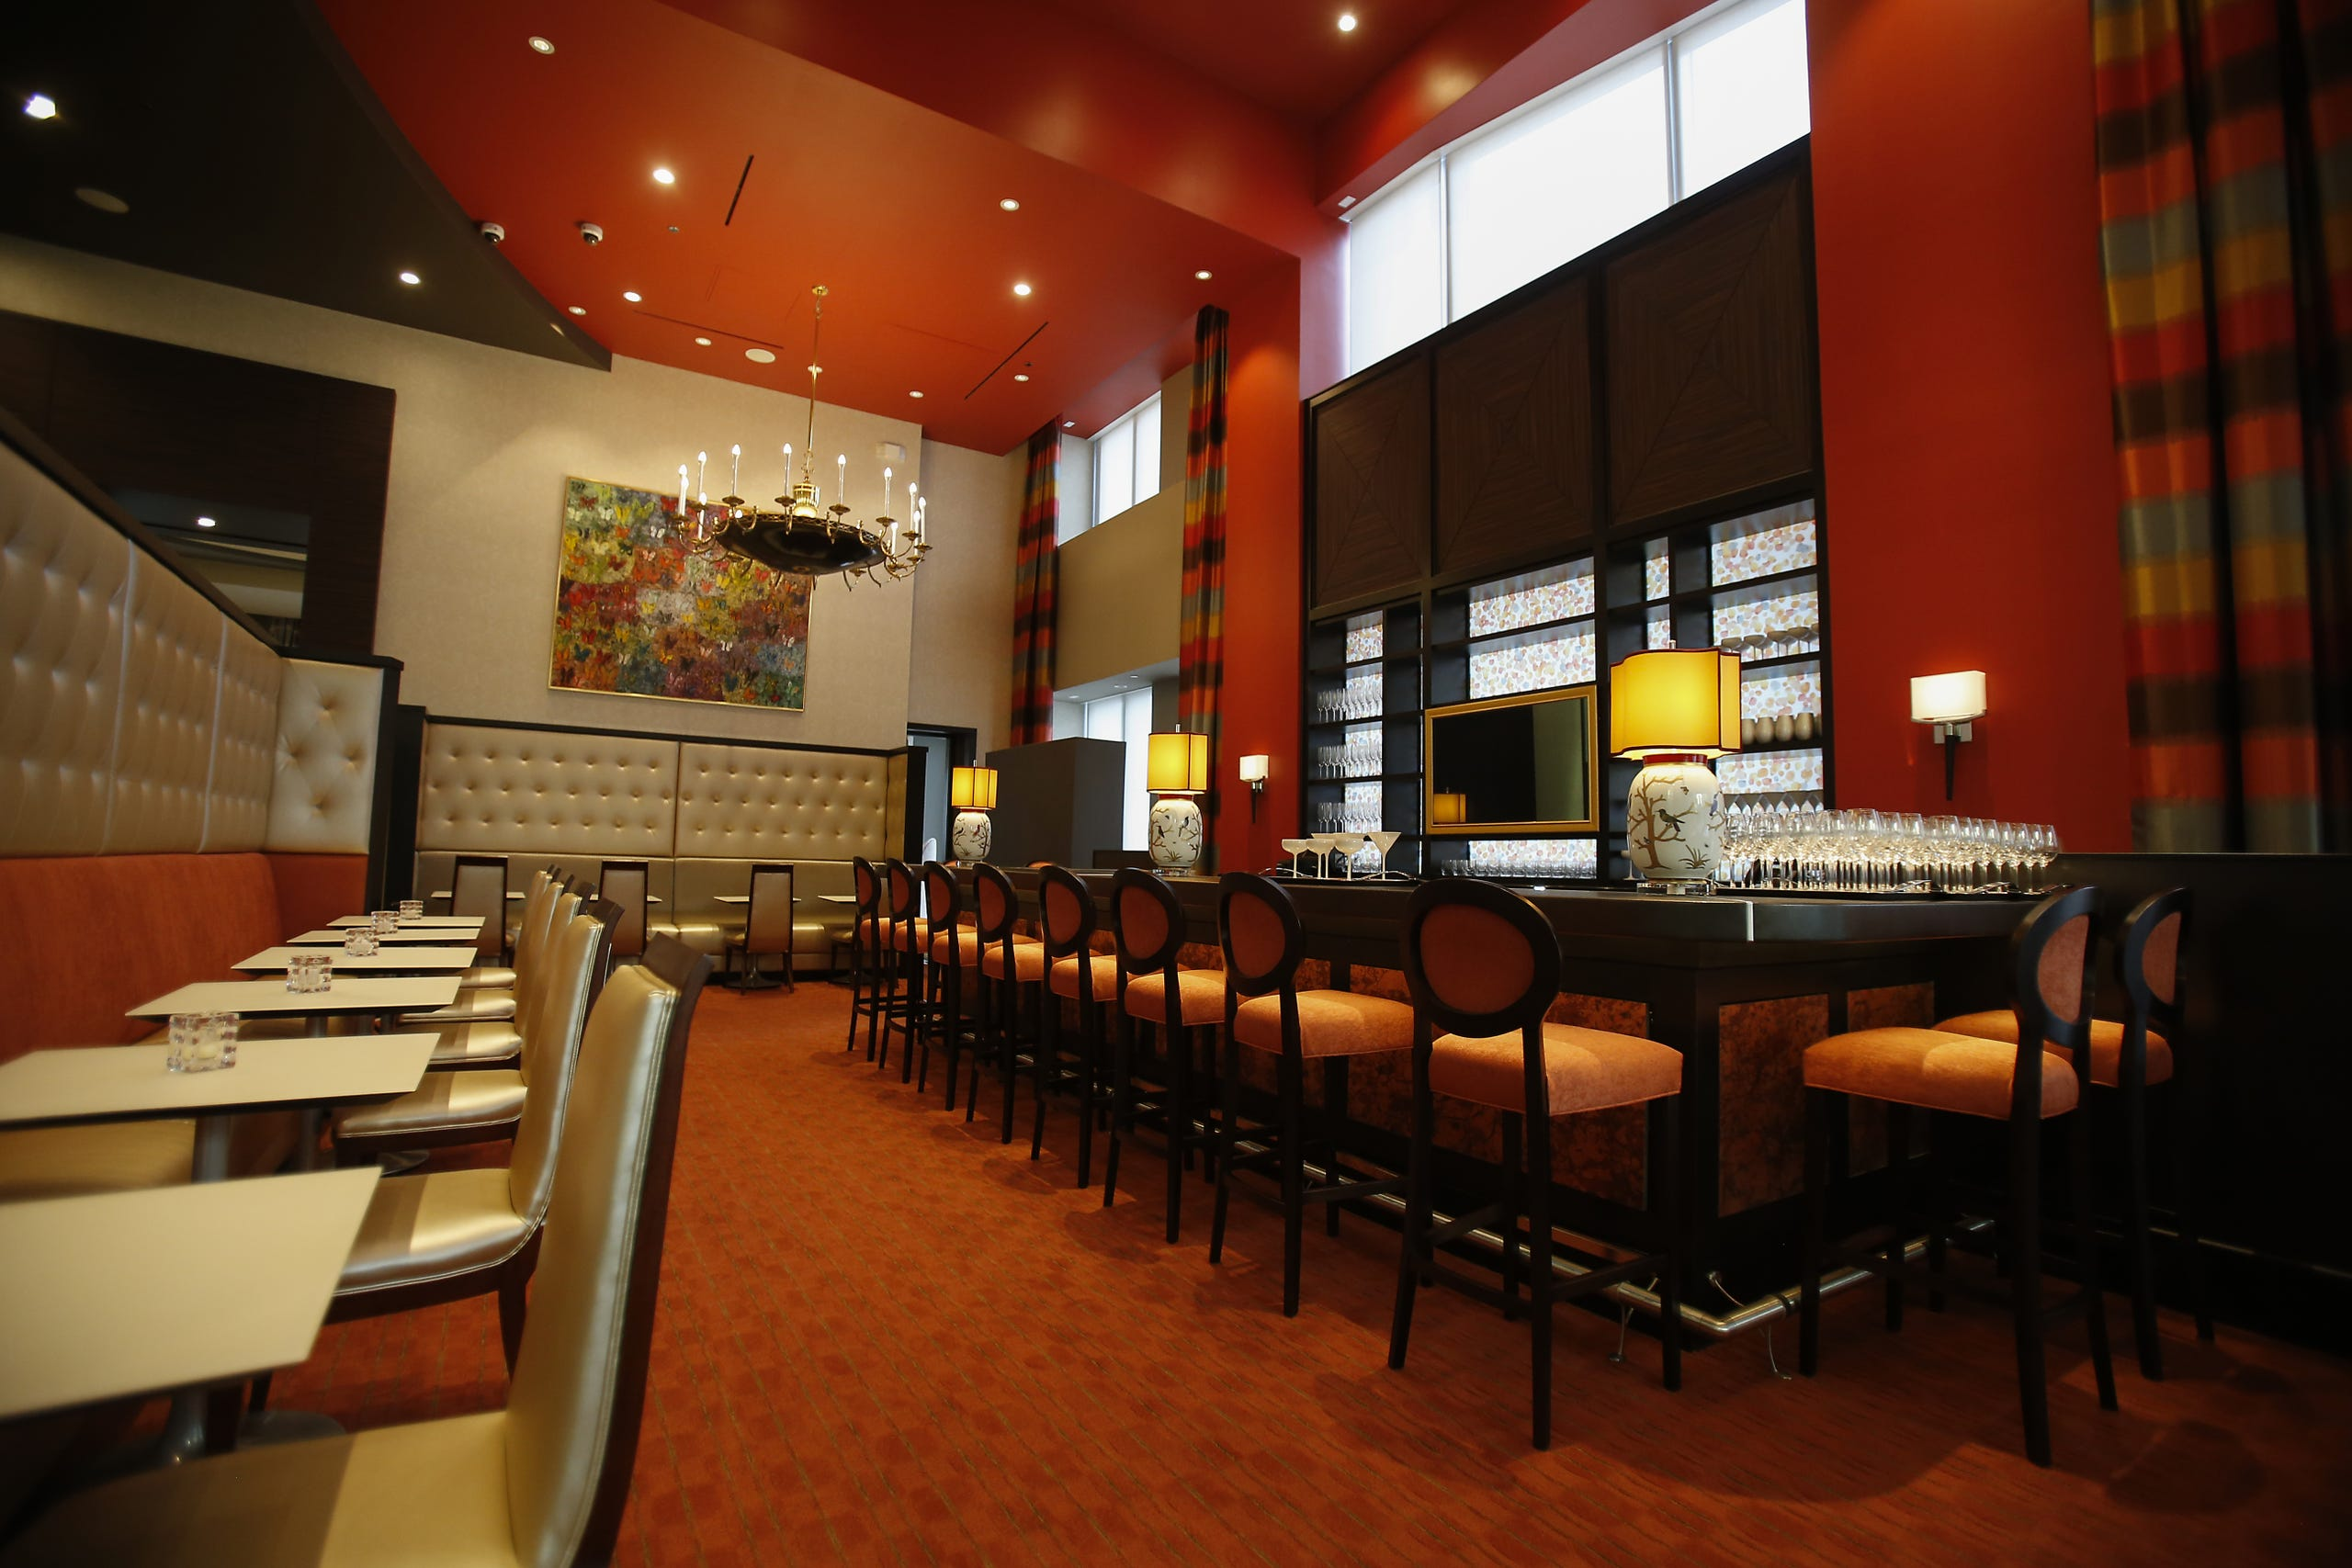 Gallery The Best Restaurants In Cincinnati